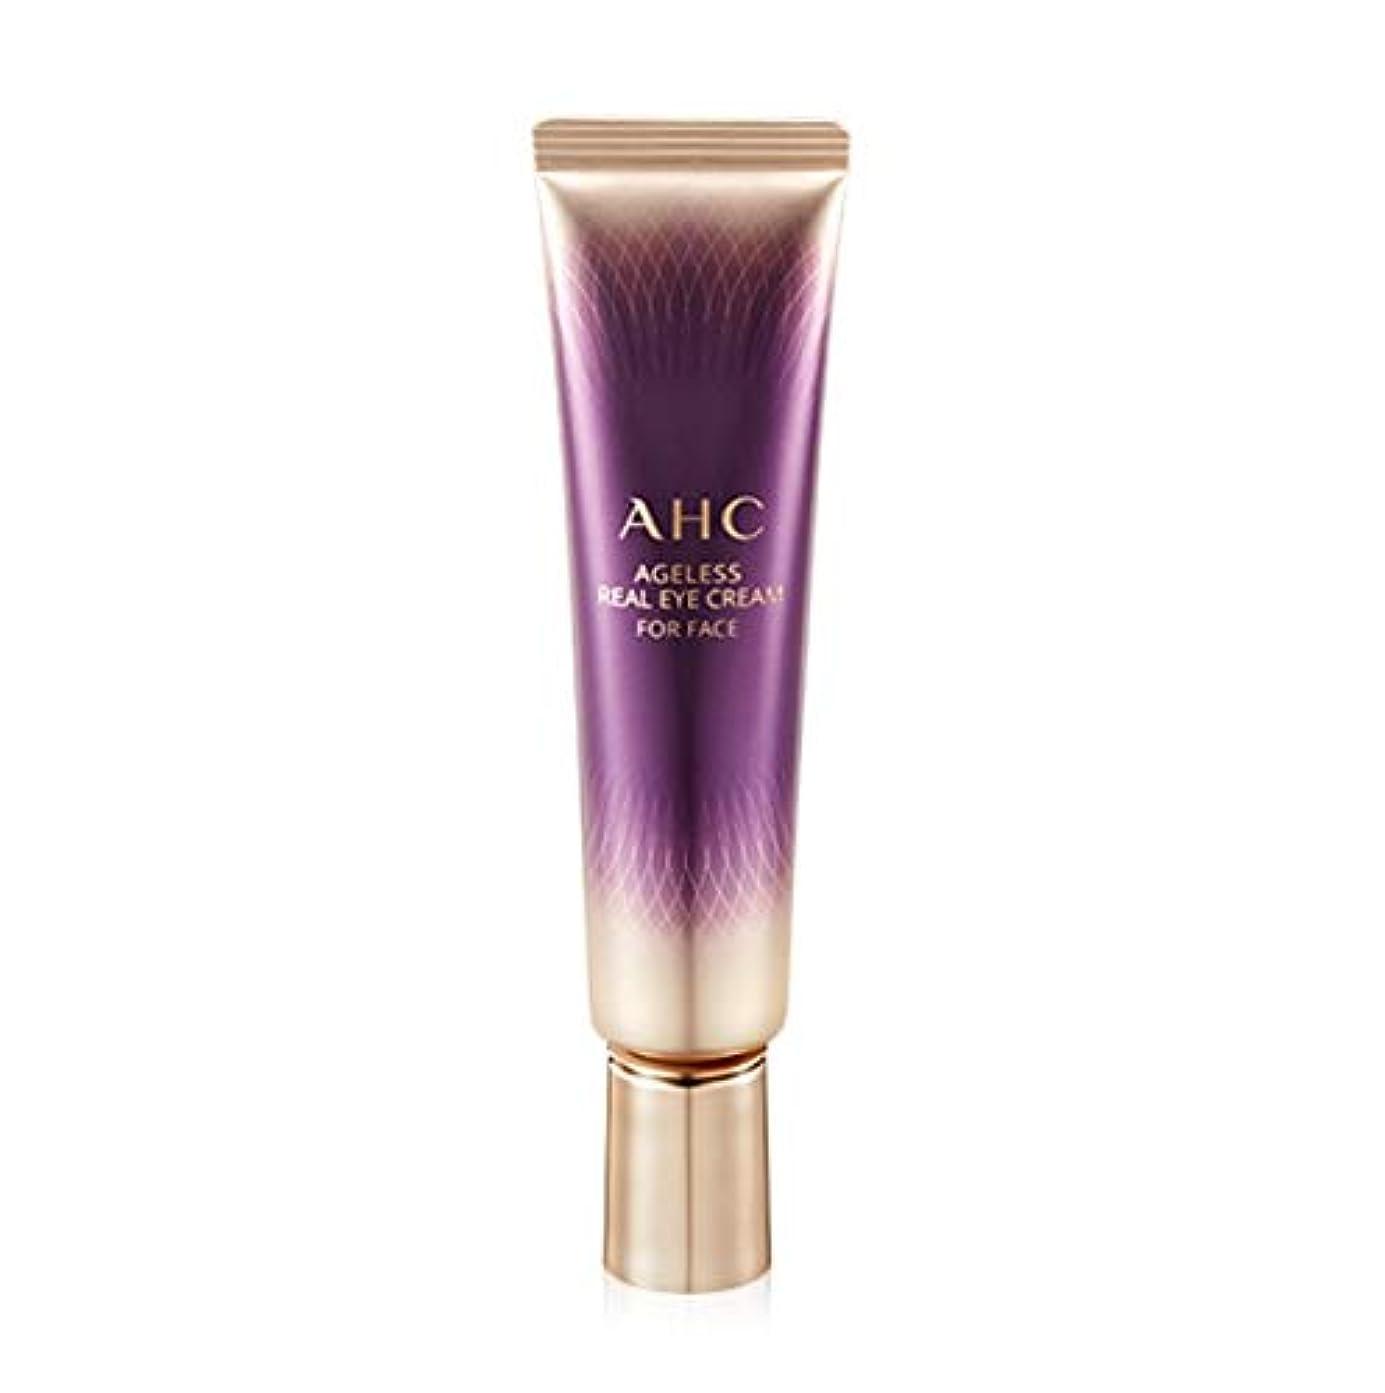 武装解除葉を集める分解する[New] AHC Ageless Real Eye Cream For Face Season 7 30ml / AHC エイジレス リアル アイクリーム フォーフェイス 30ml [並行輸入品]